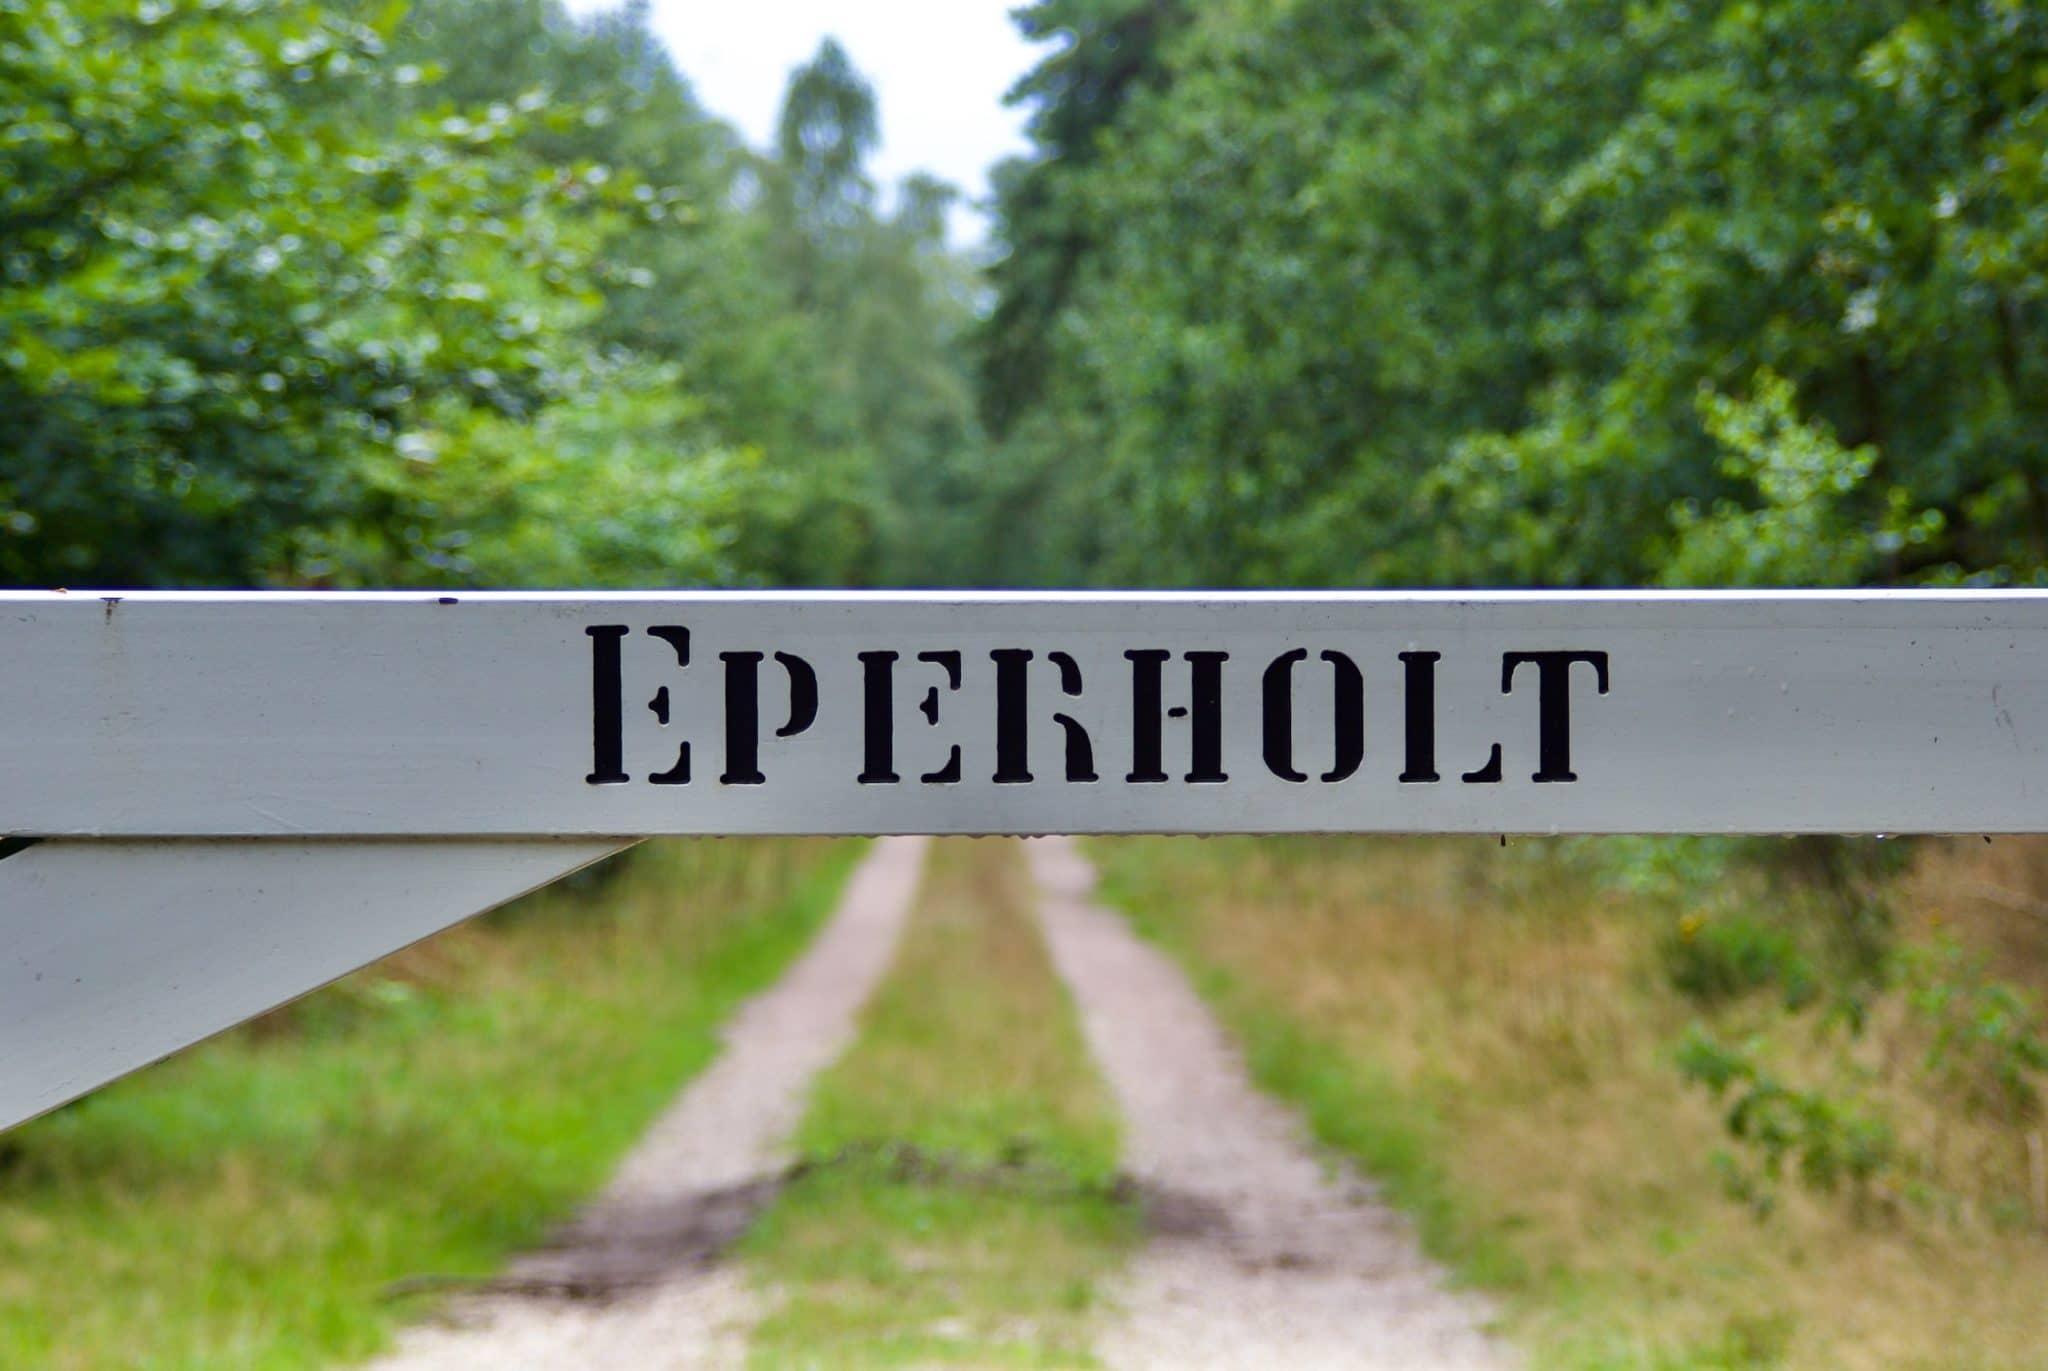 Toegang Eperholt